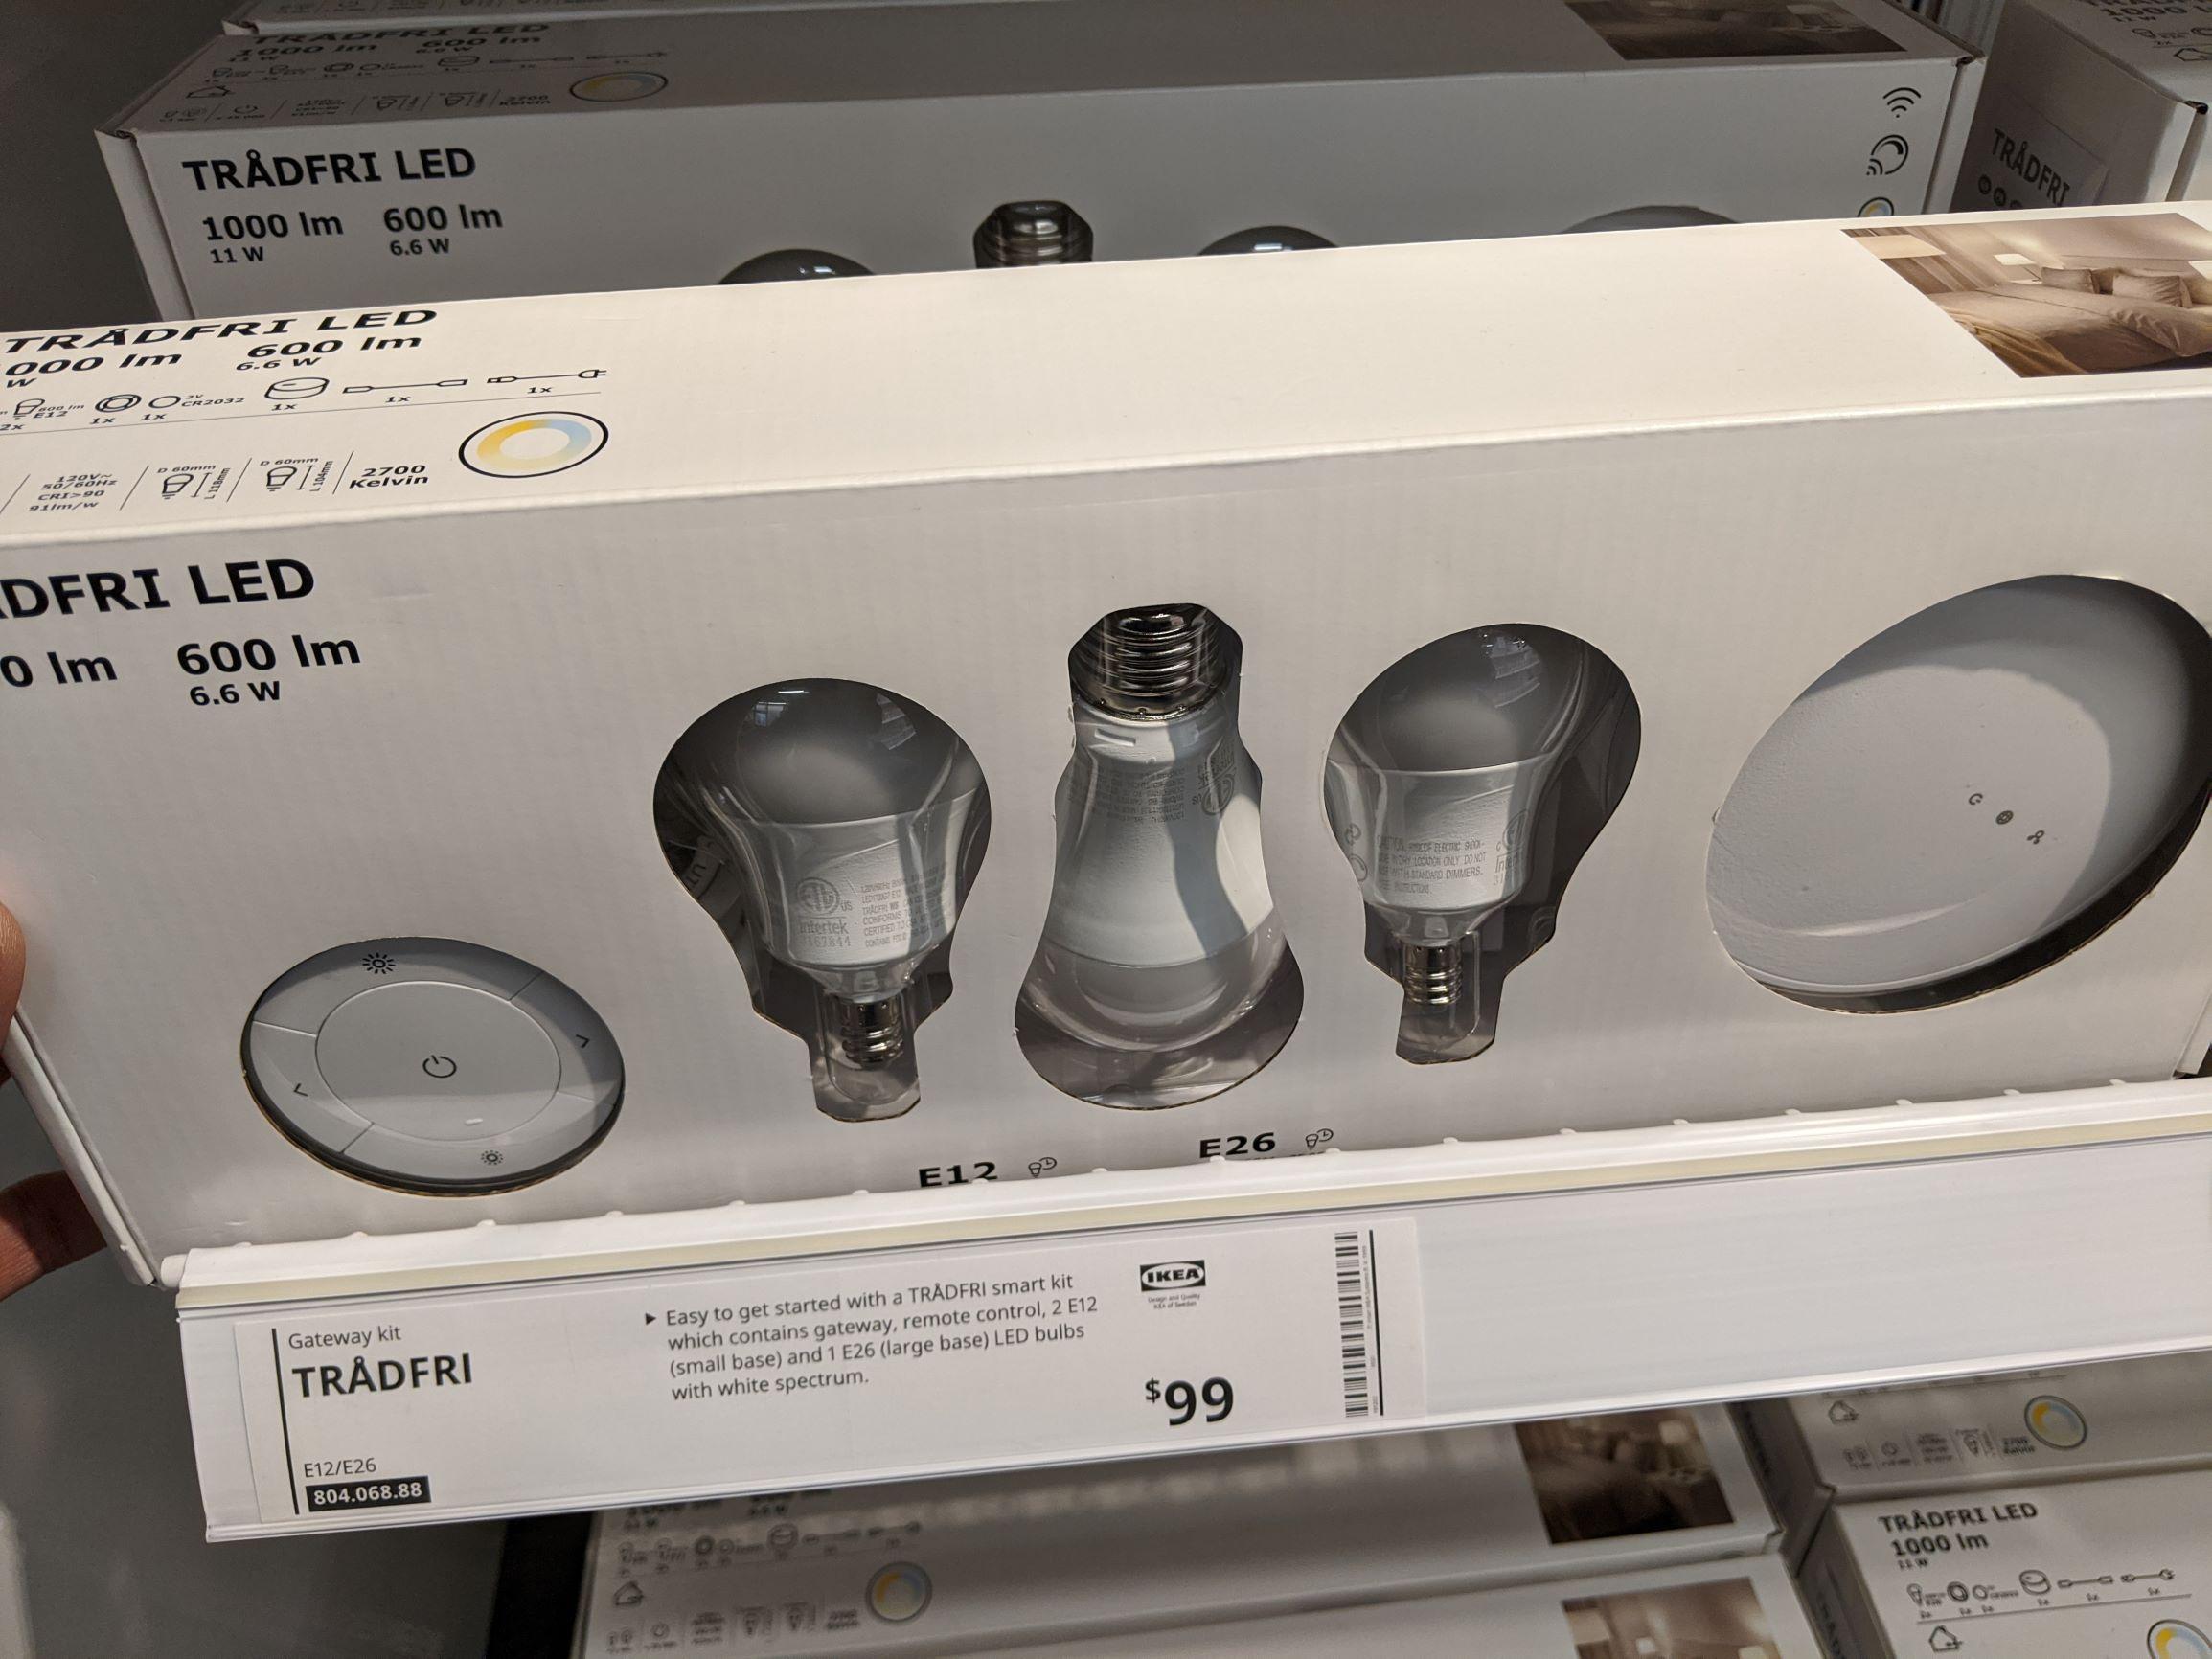 Do Ikea Smart Bulbs need a Hub?